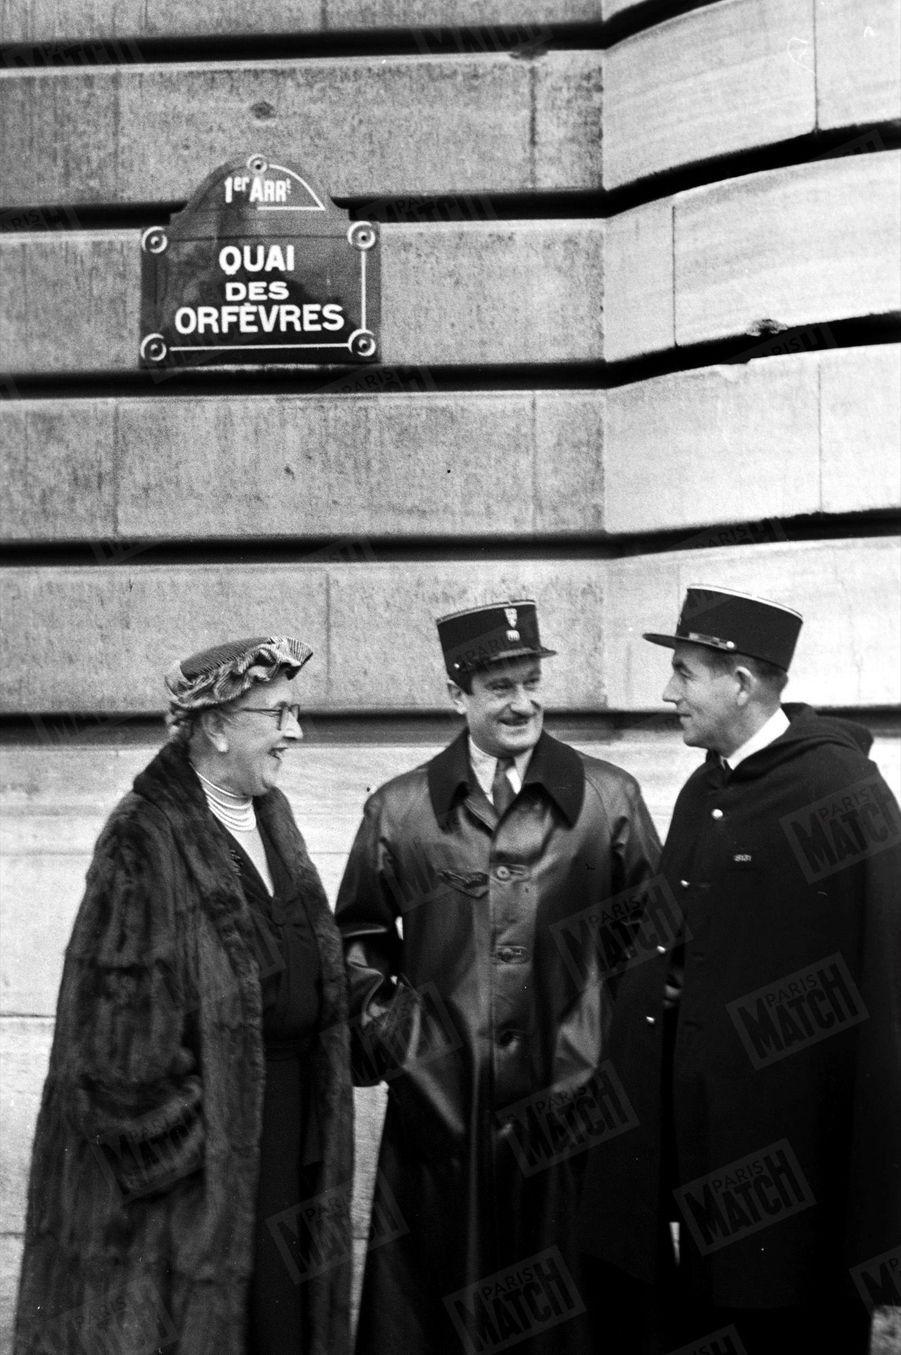 « Pour se documenter, elle interroge deux agents. Son prochain romain doit se passer à Paris. » - Paris Match n°345, 19 novembre 1955